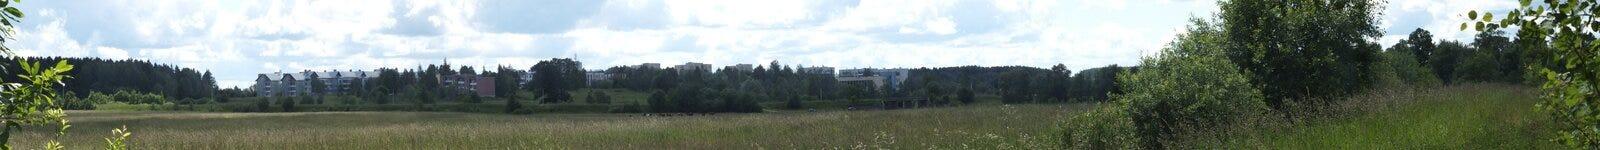 Vista del acuerdo Belorusskiy Fotos de archivo libres de regalías